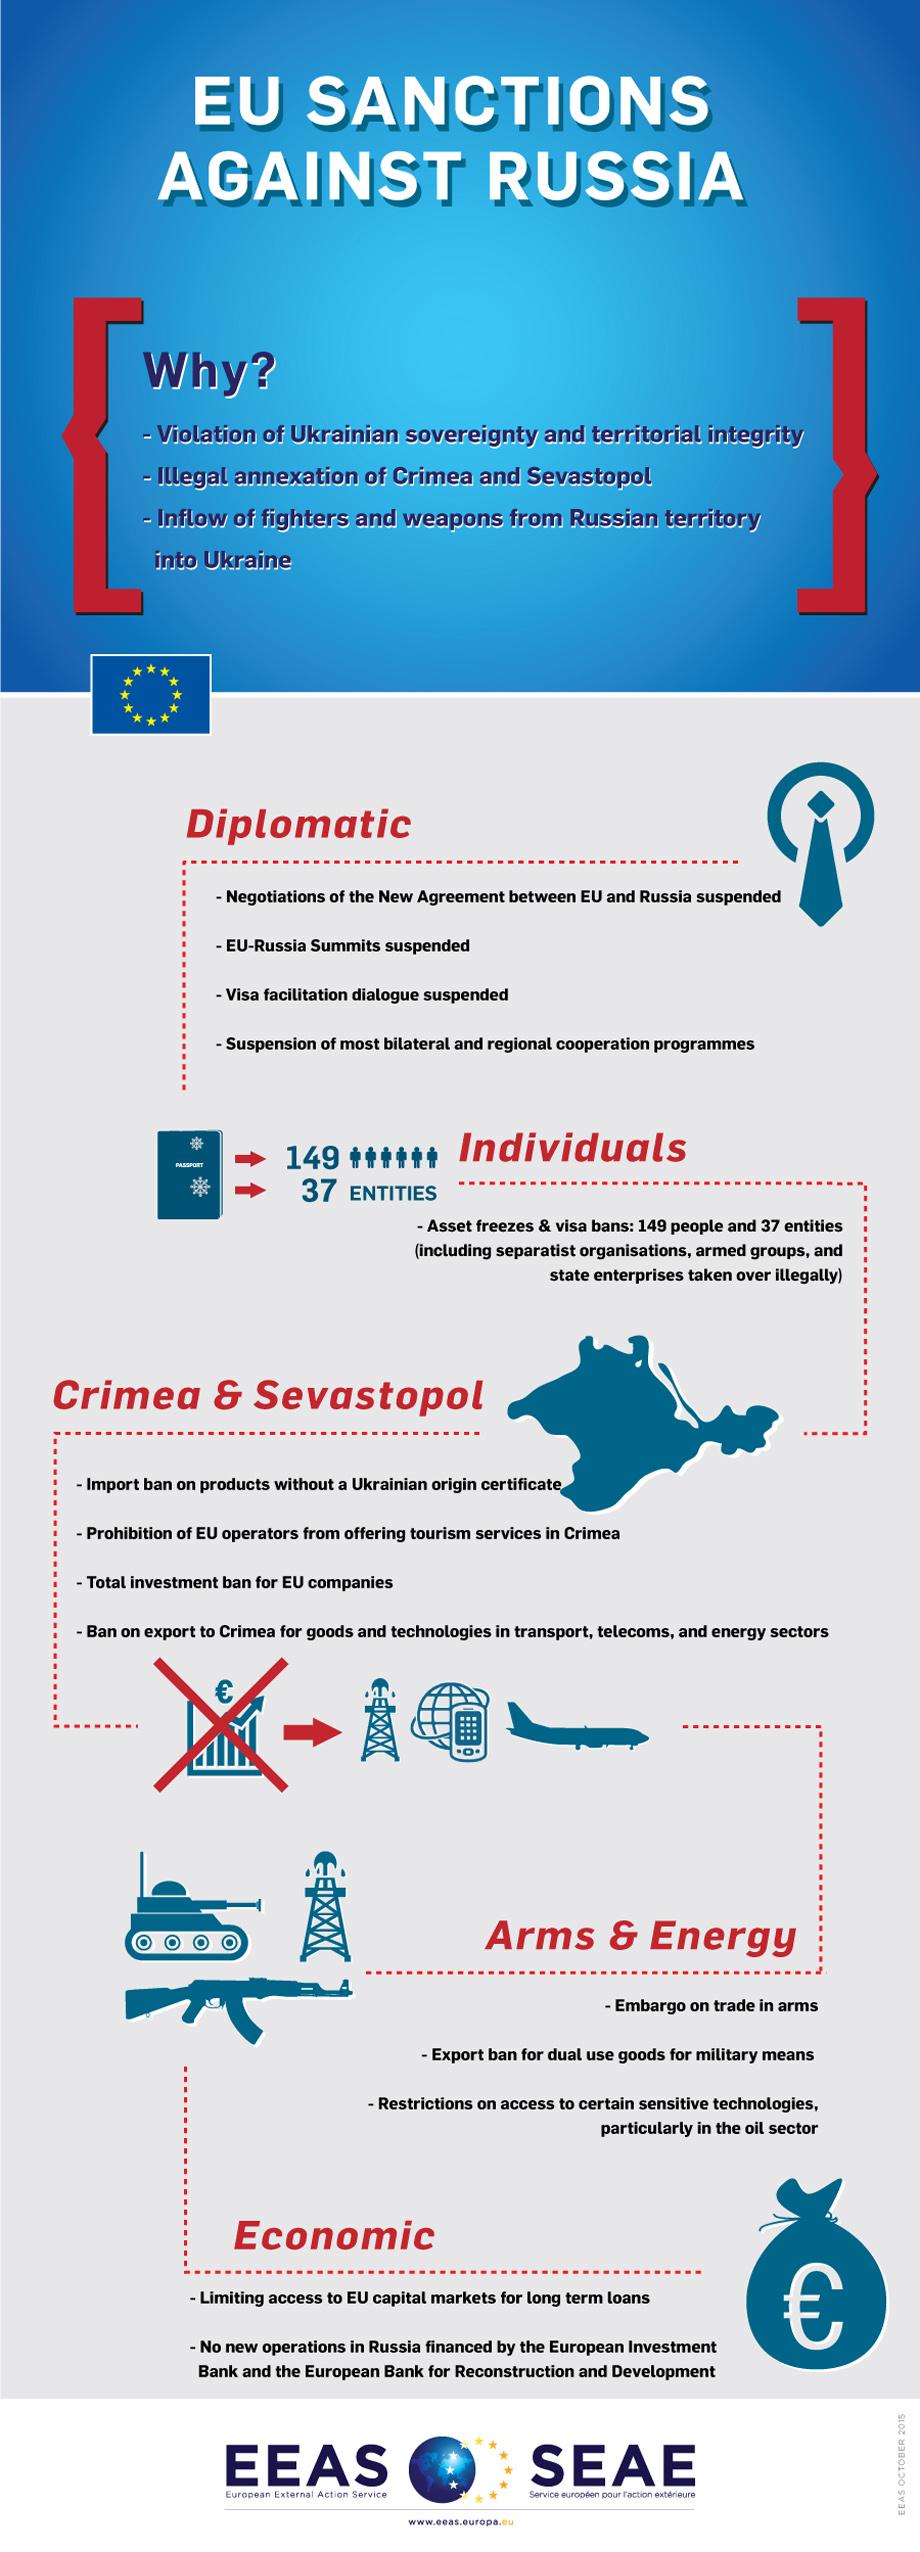 eu-sanctions-against-russia-07-10-2015_en.jpg